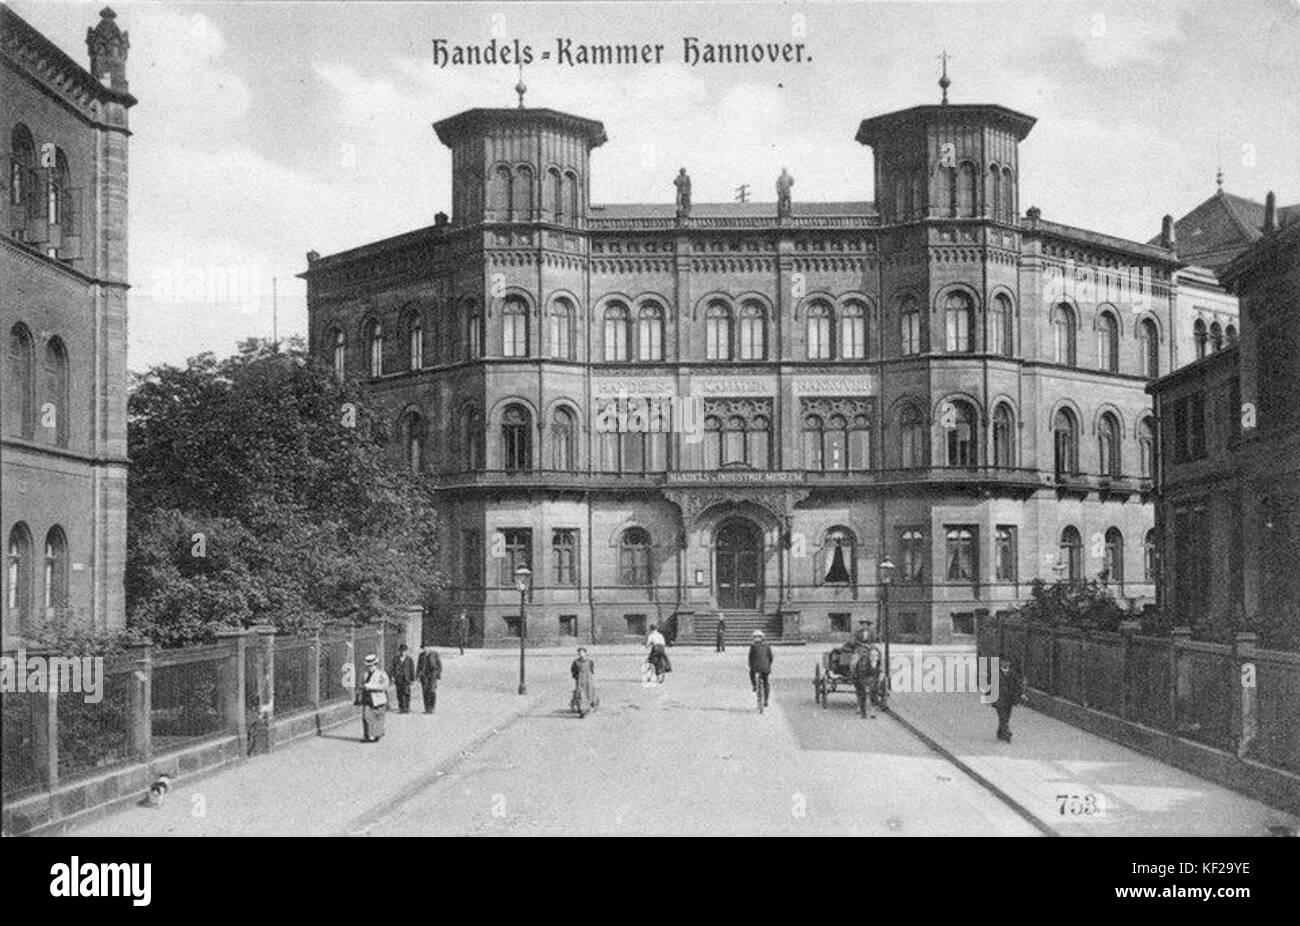 Handels Kammer Hannover - Stock Image